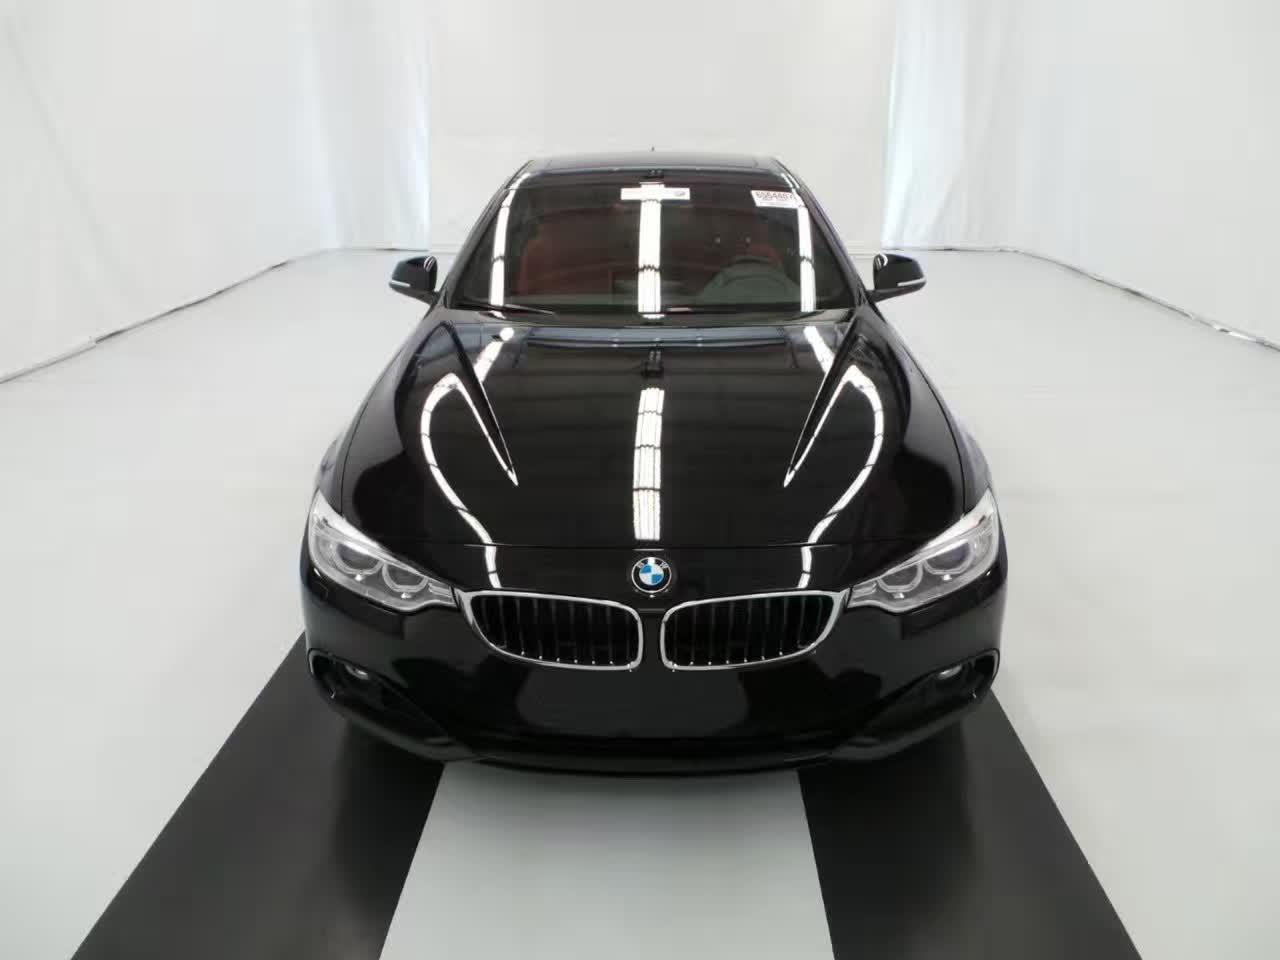 二手车v40 二手 CO Colorado 科罗拉多州 丹弗 denver BMW 宝马